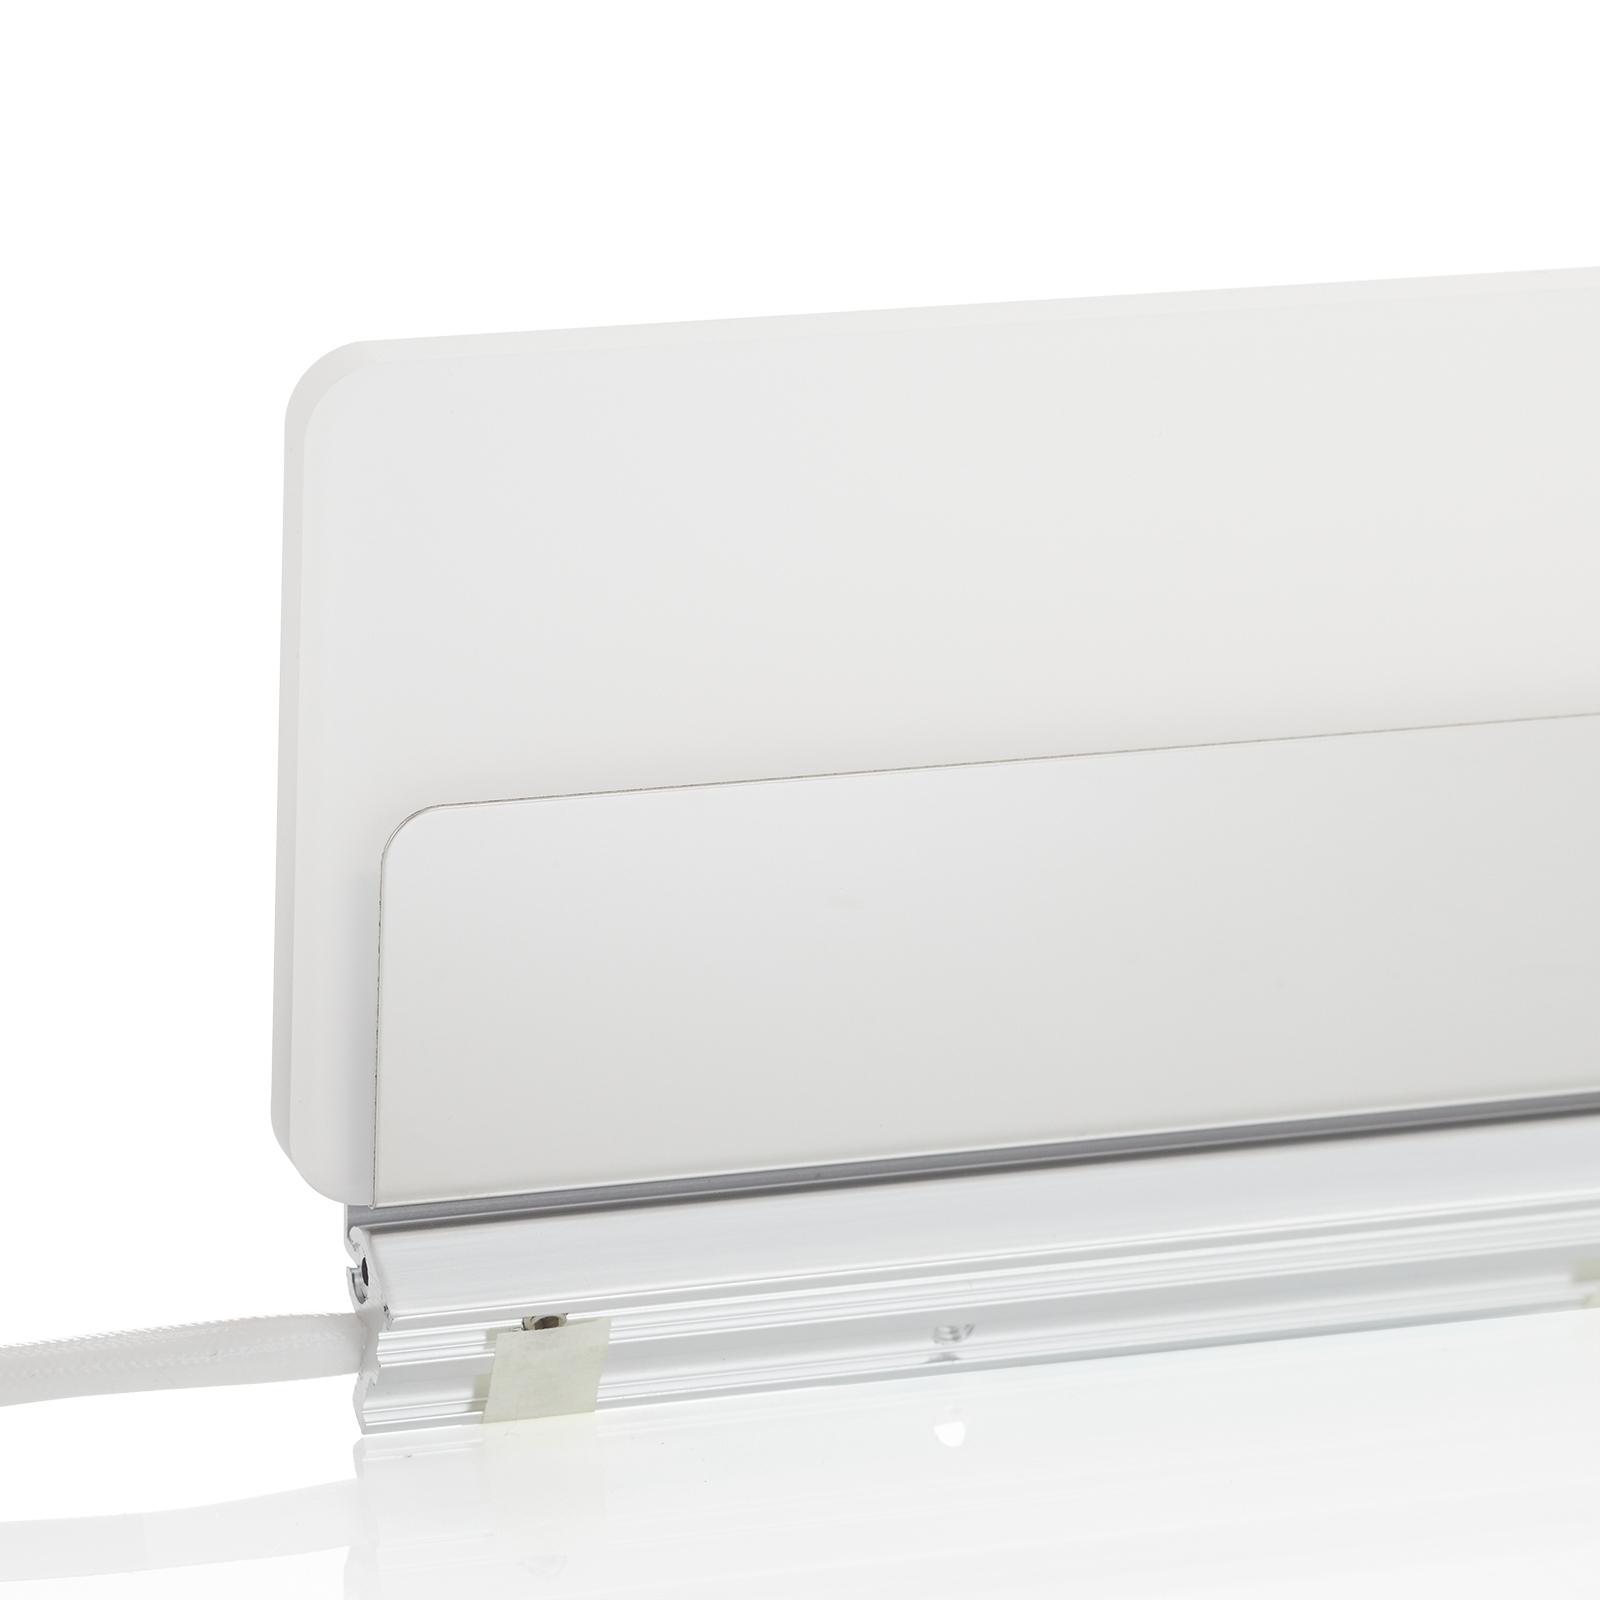 Lámpara LED de espejo Katherine S2, 30 cm, IP44